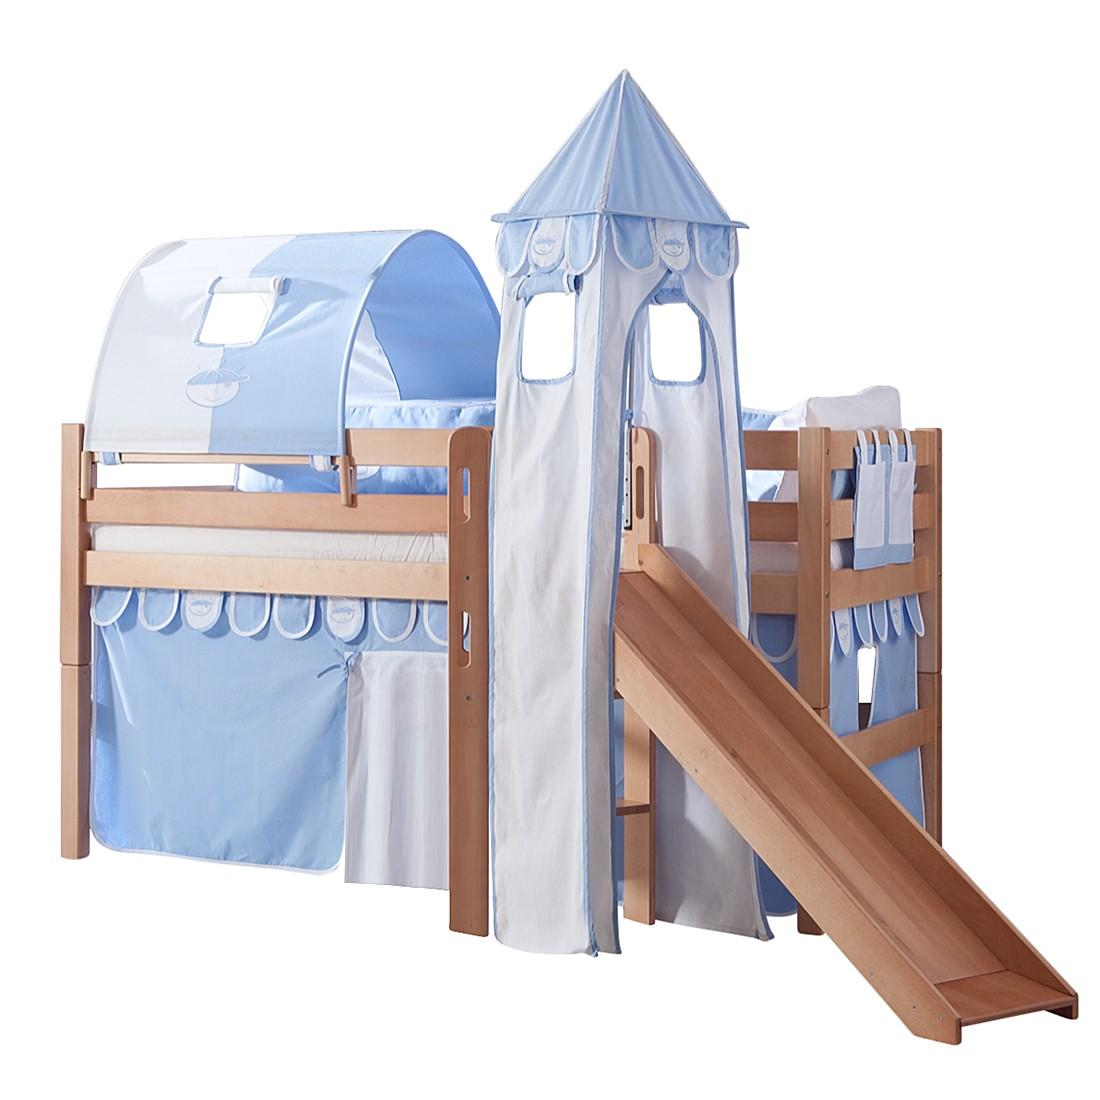 Spielbett Eliyas - mit Rutsche, Vorhang, Tunnel, Turm und Tasche - Buche natur/Textil Blau-Boy, Relita